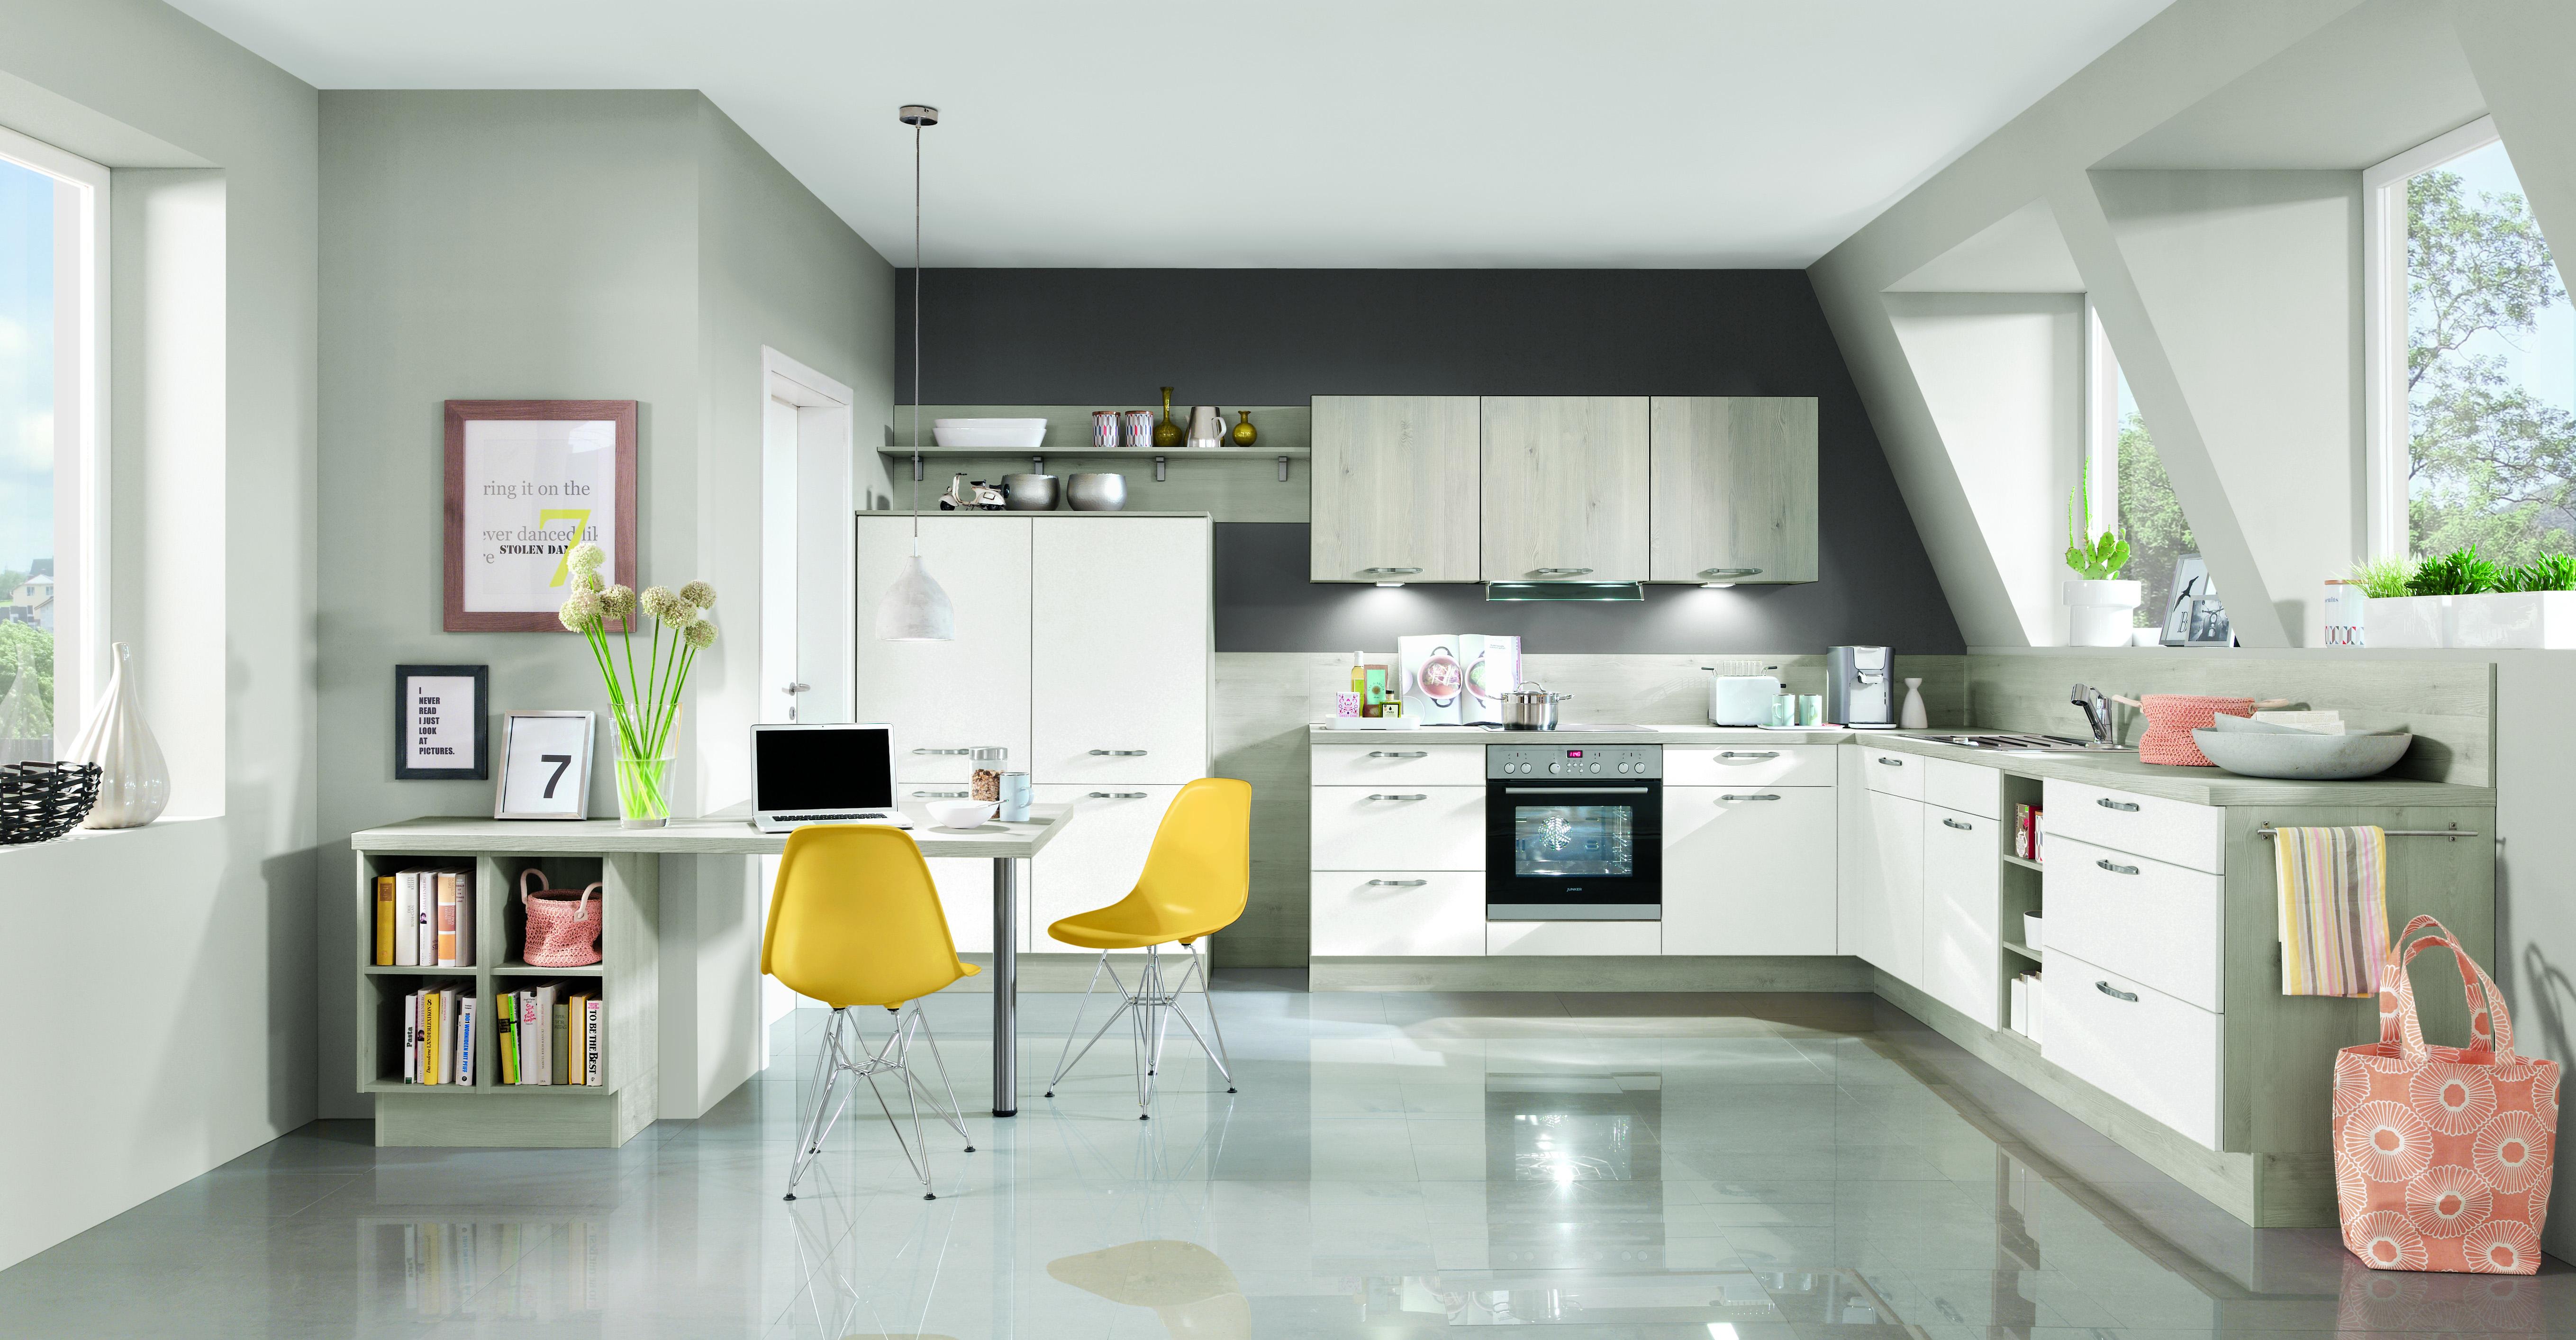 Küche mit Dachschräge planen: Tipps für Einbauküchen im Dachgeschoss ...